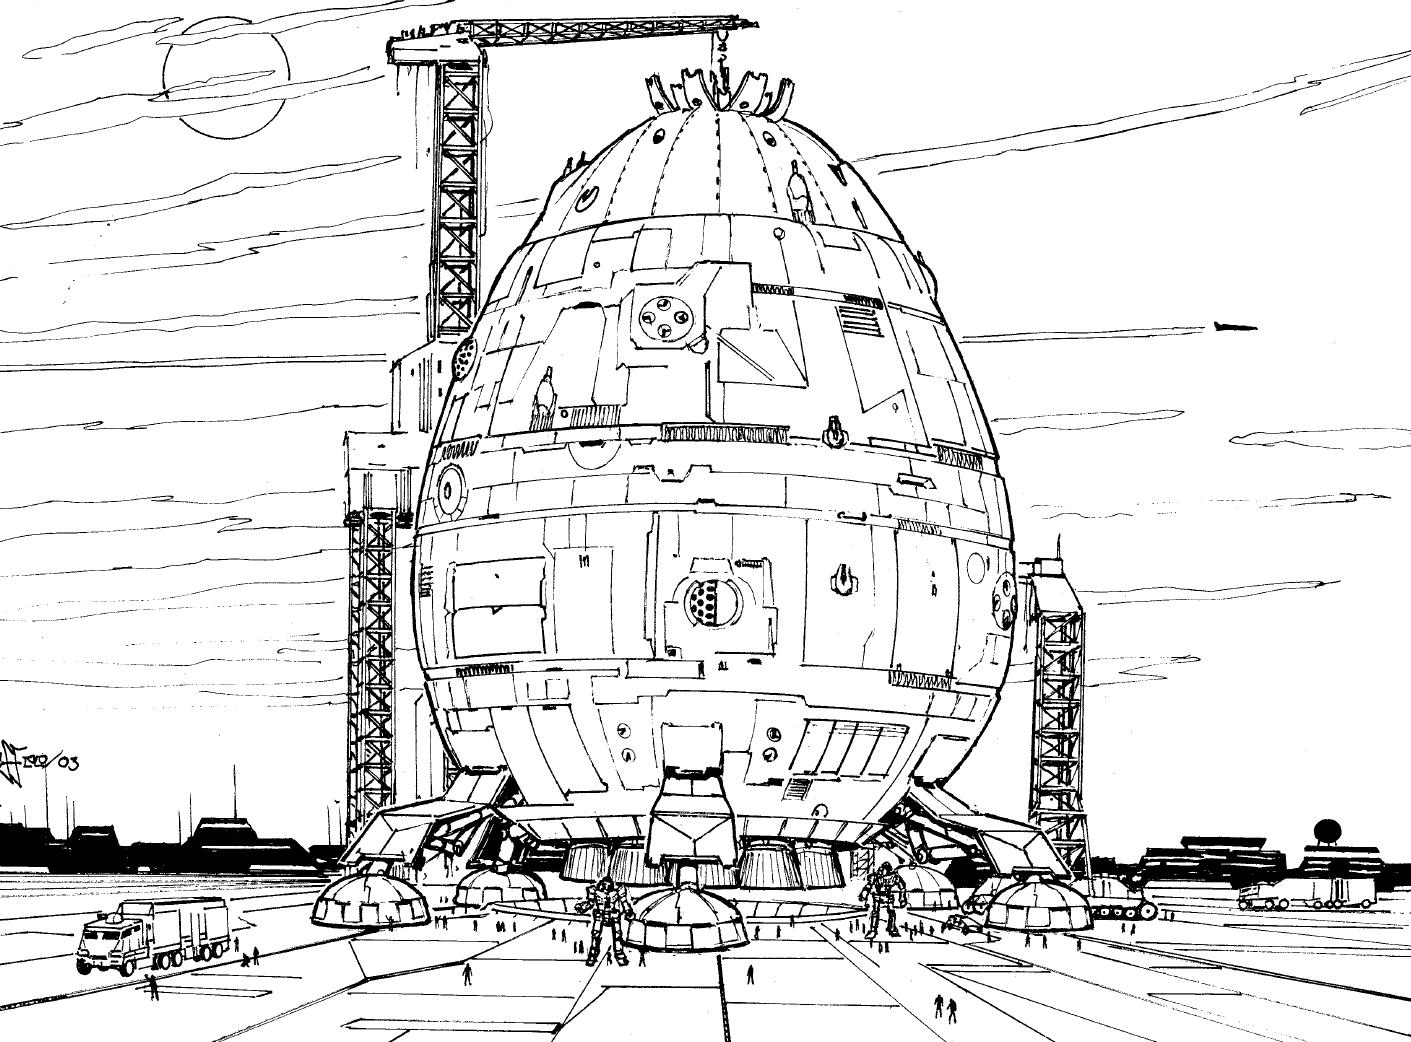 Colossus_dropship.jpg